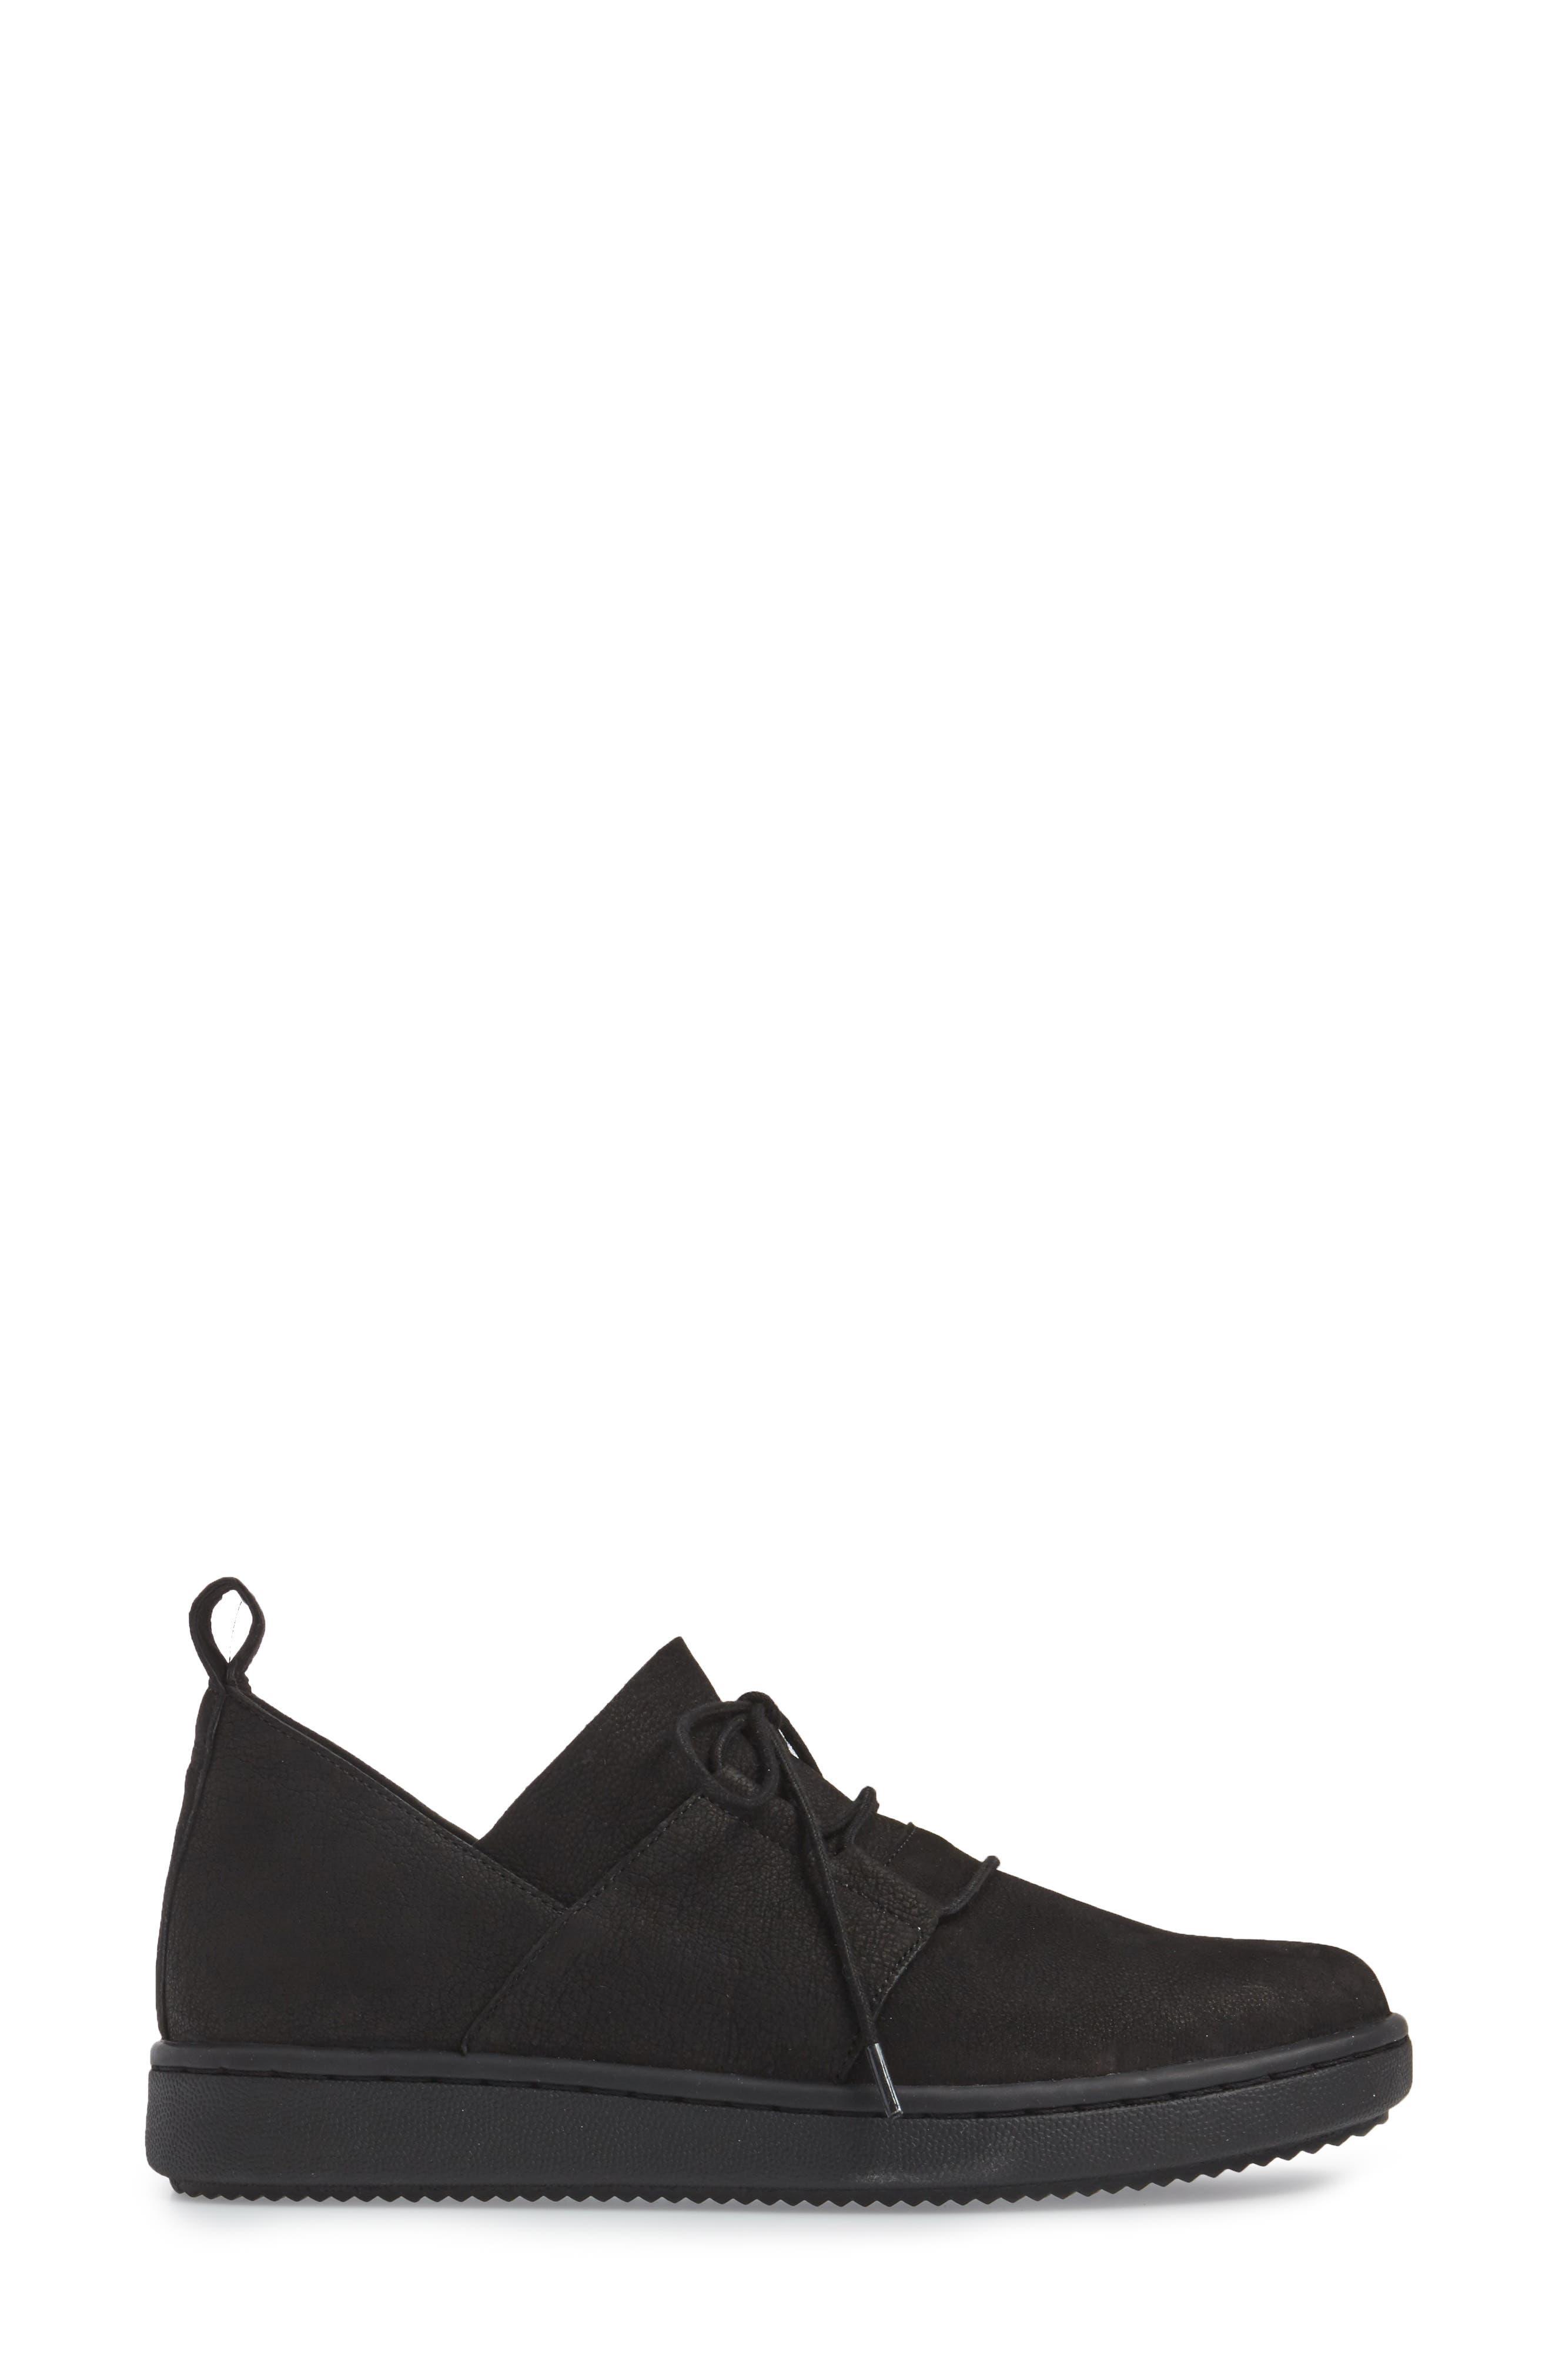 Kipling Sneaker,                             Alternate thumbnail 3, color,                             001